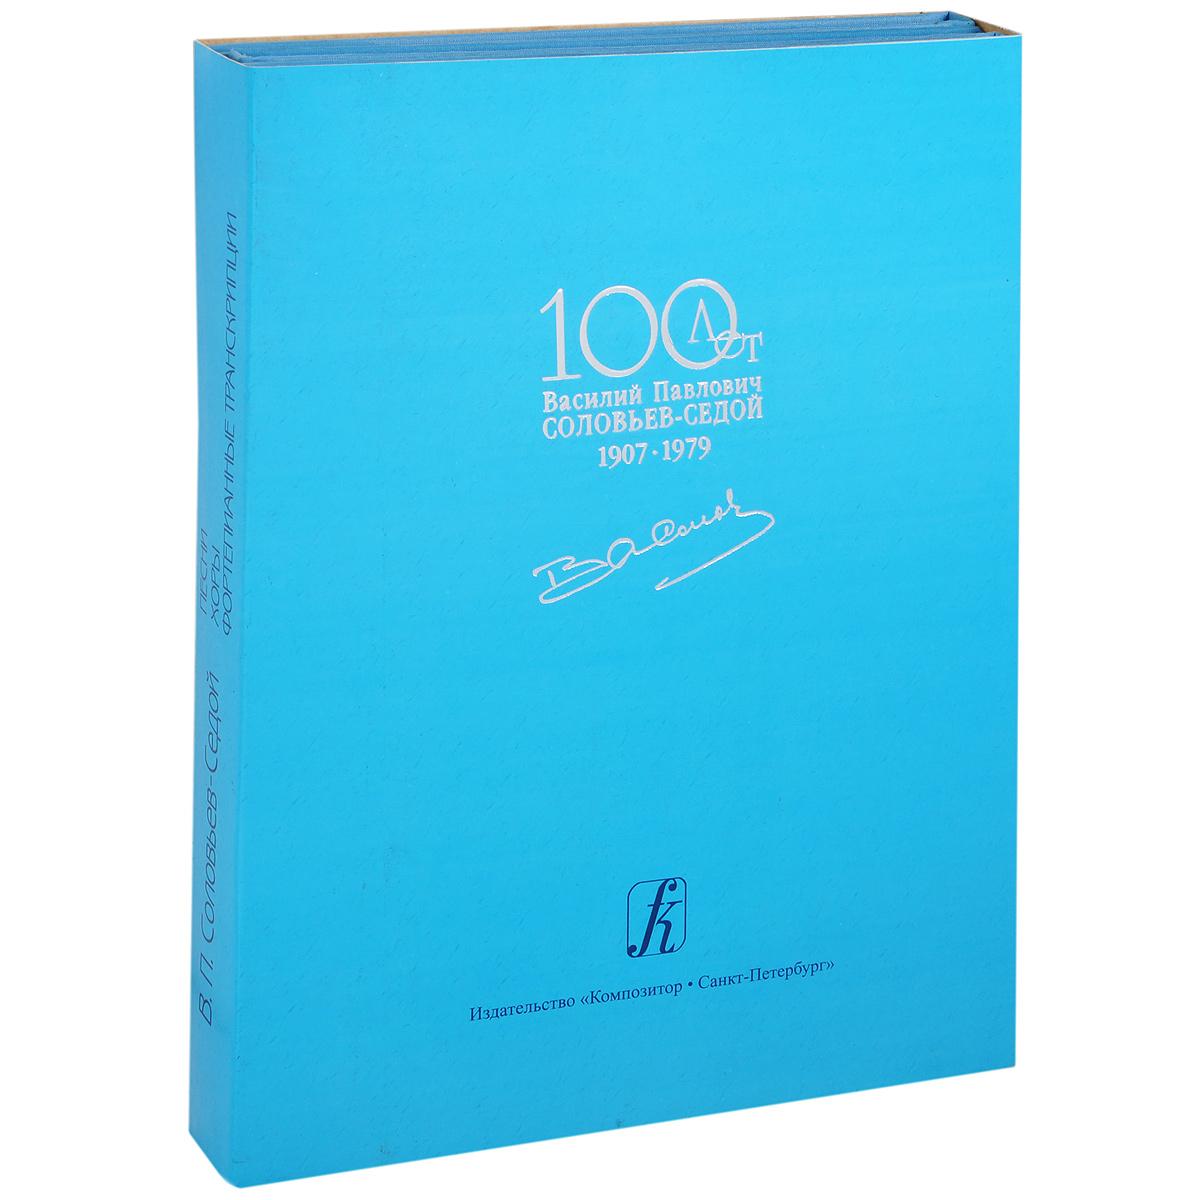 В. П. Соловьев-Седой. Песни. Хоры. Фортепианные транскрипции (комплект из 3 книг)